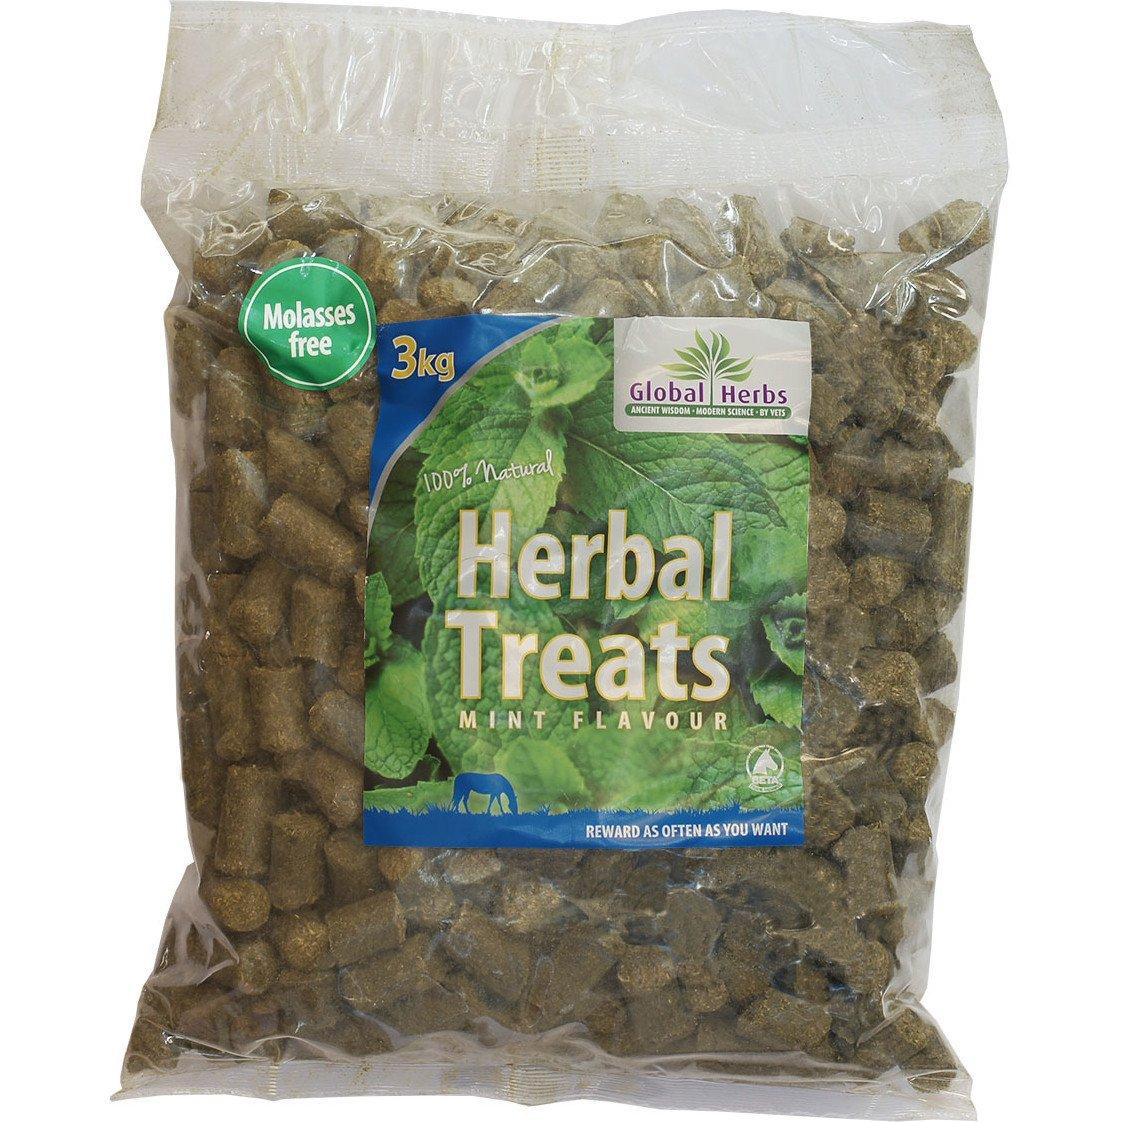 Global Herbs Herbal Mint 3kg Horse Treats 3kg Brown by 3L Global Herbs (Image #1)